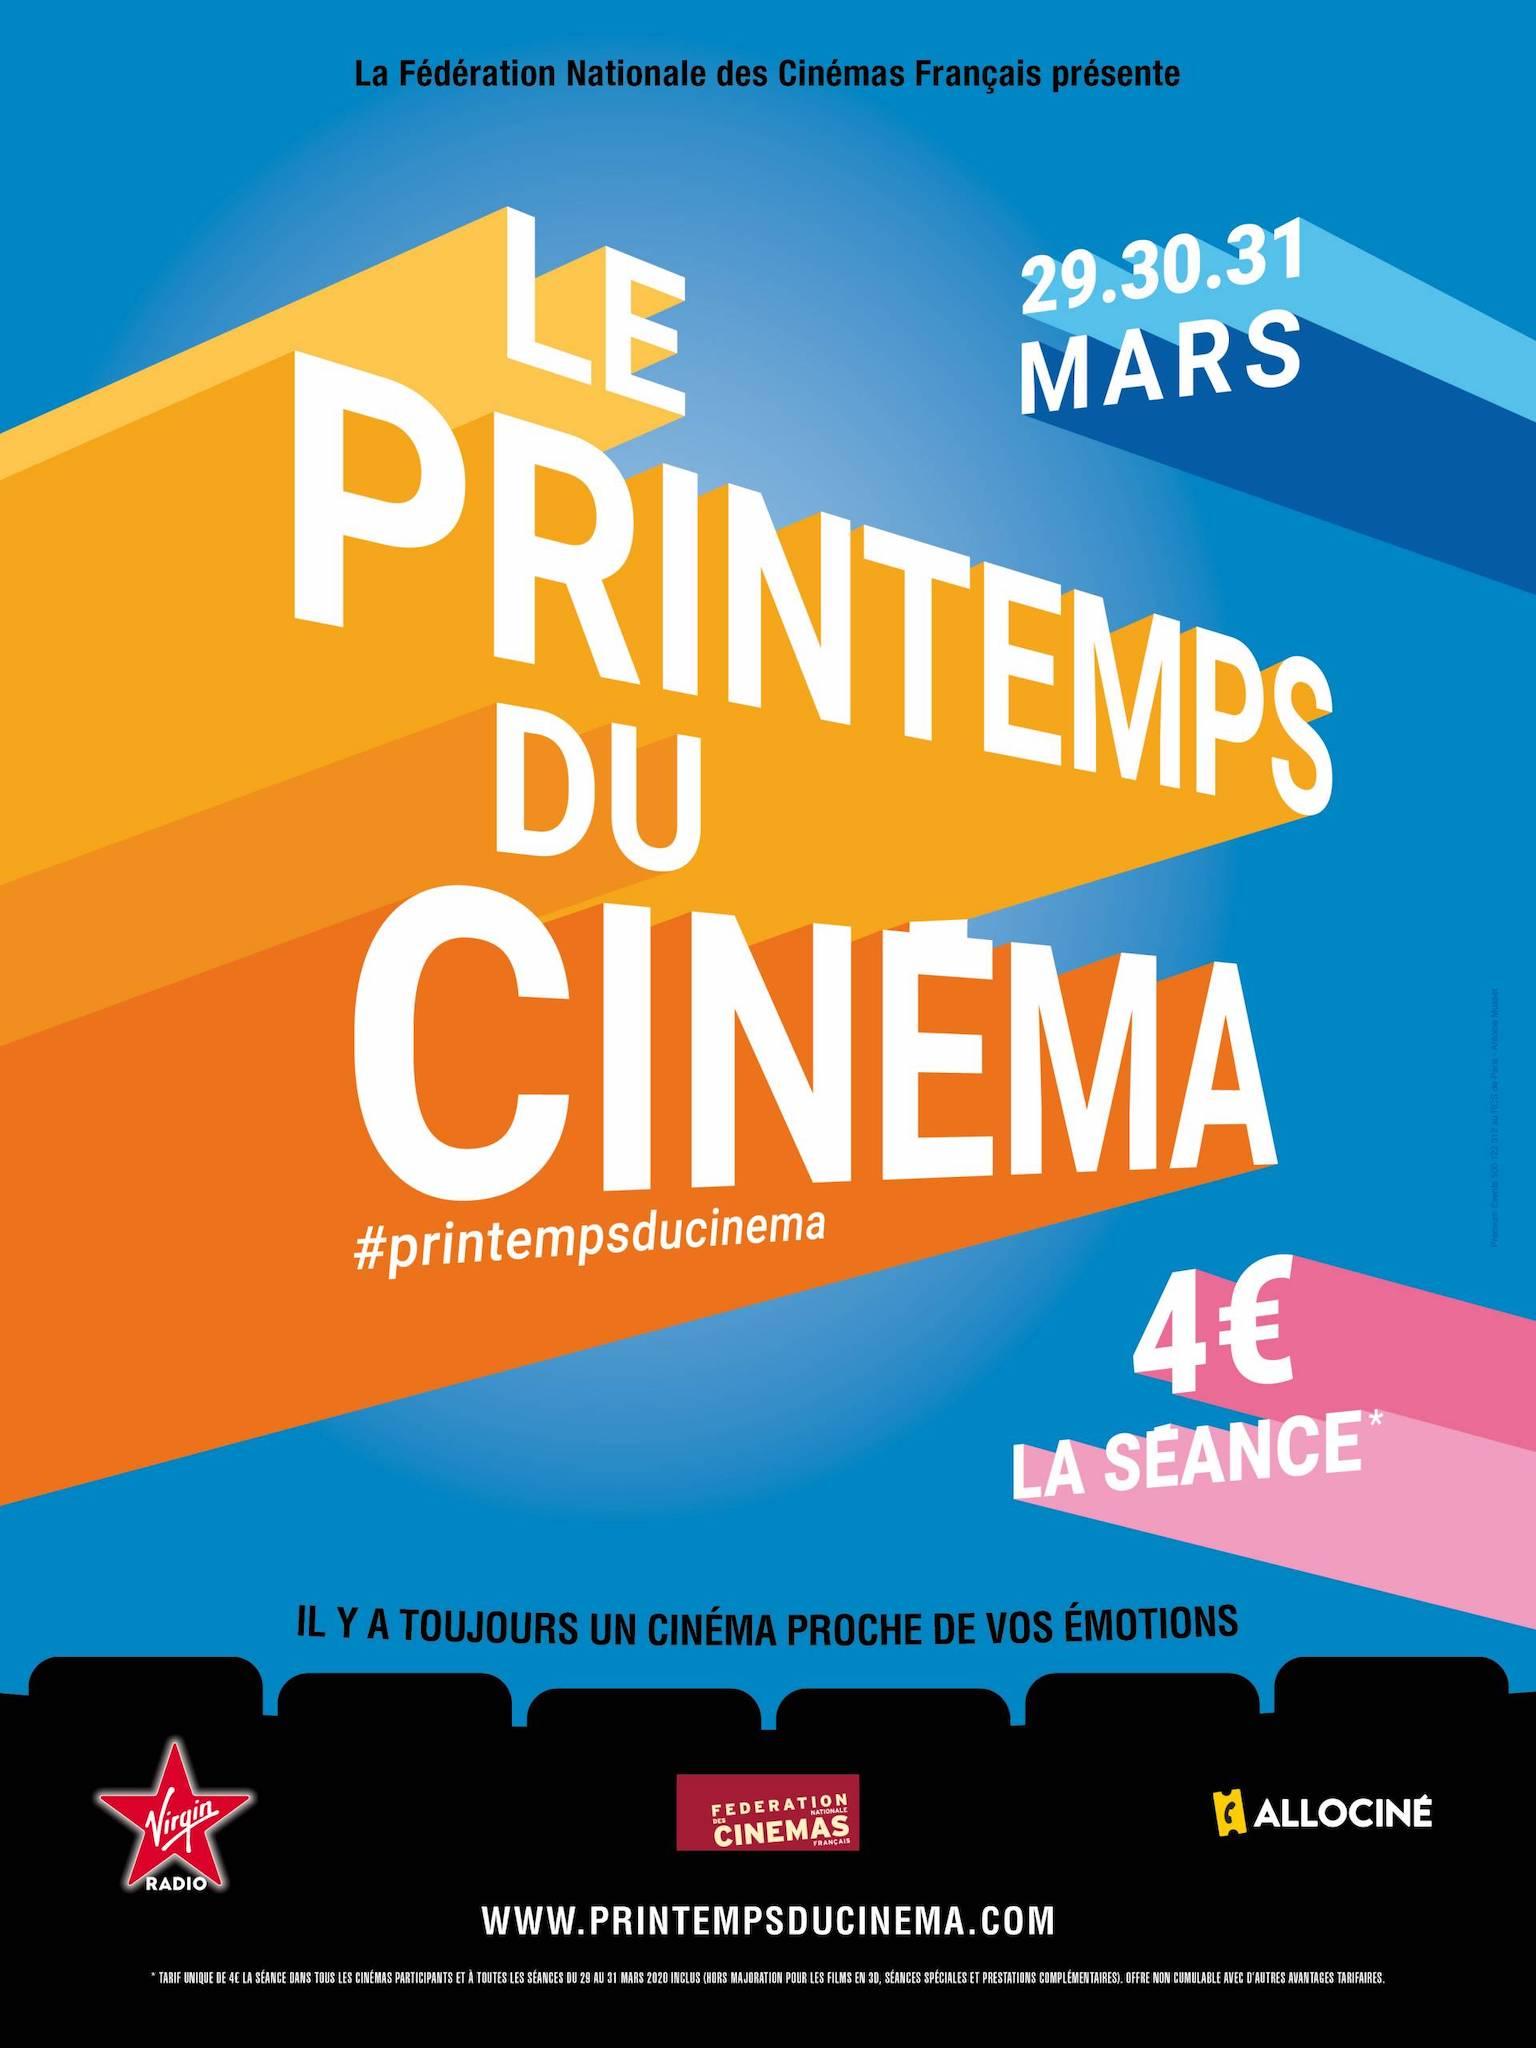 Le Printemps du Cinéma 2020 affiche fête du cinéma